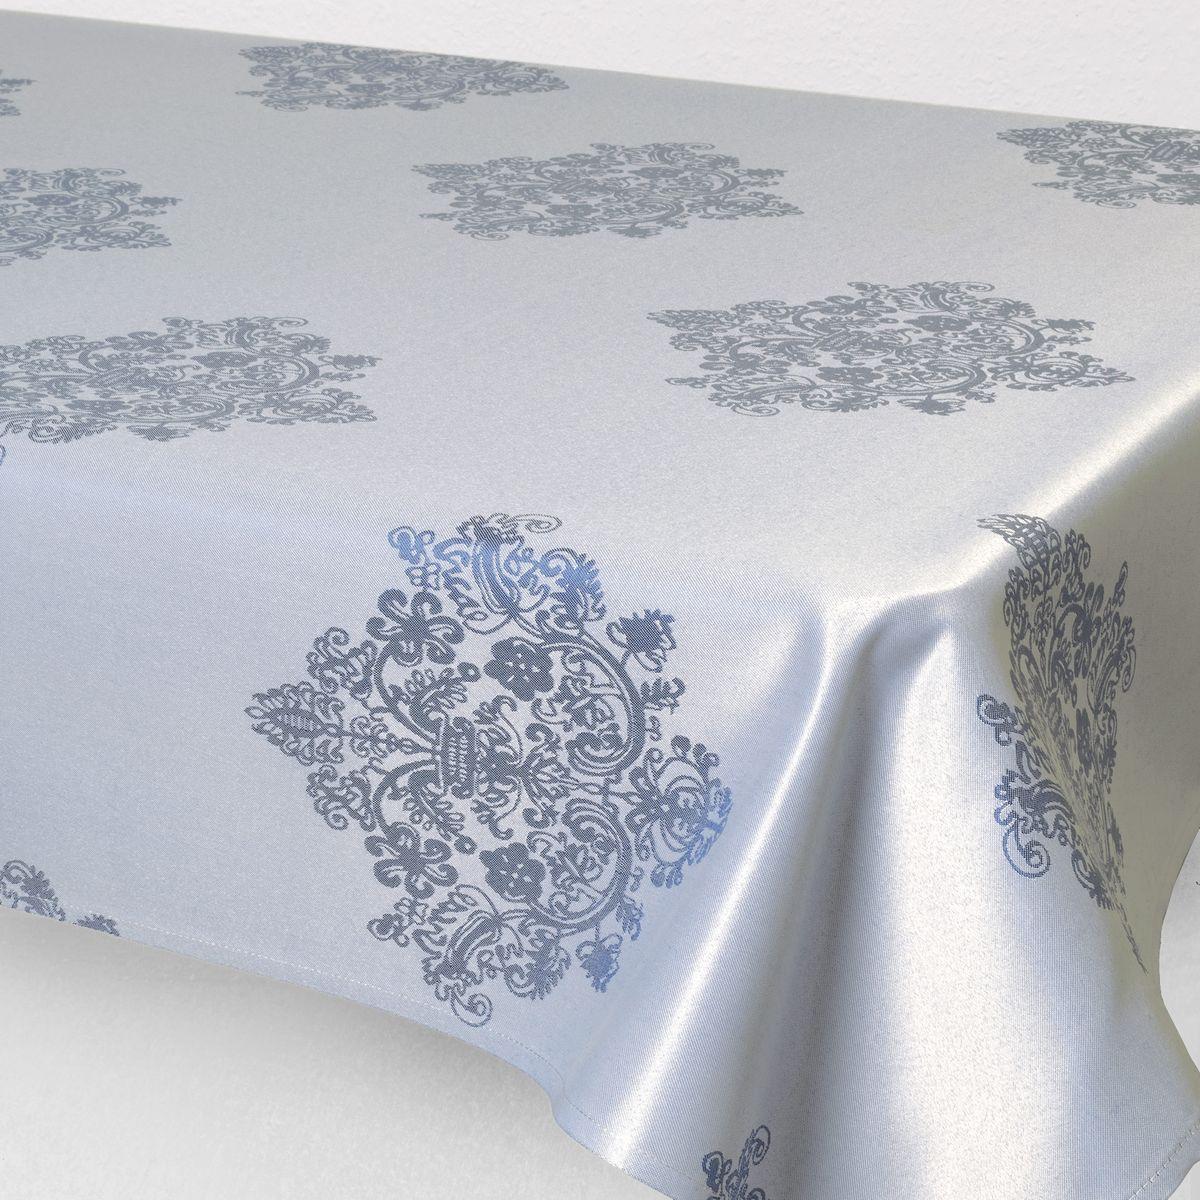 Скатерть Schaefer, прямоугольная, цвет: серый, 130 х 160 см. 07811-42707811-427Стильная скатерть Schaefer выполнена из полиэстера.Изделия из полиэстера легко стирать: они не мнутся, не садятся и быстро сохнут, они более долговечны, чем изделия из натуральных волокон.Немецкая компания Schaefer создана в 1921 году. На протяжении всего времени существования она создает уникальные коллекции домашнего текстиля для гостиных, спален, кухонь и ванных комнат. Дизайнерские идеи немецких художников компании Schaefer воплощаются в текстильных изделиях, которые сделают ваш дом красивее и уютнее и не останутся незамеченными вашими гостями. Дарите себе и близким красоту каждый день!